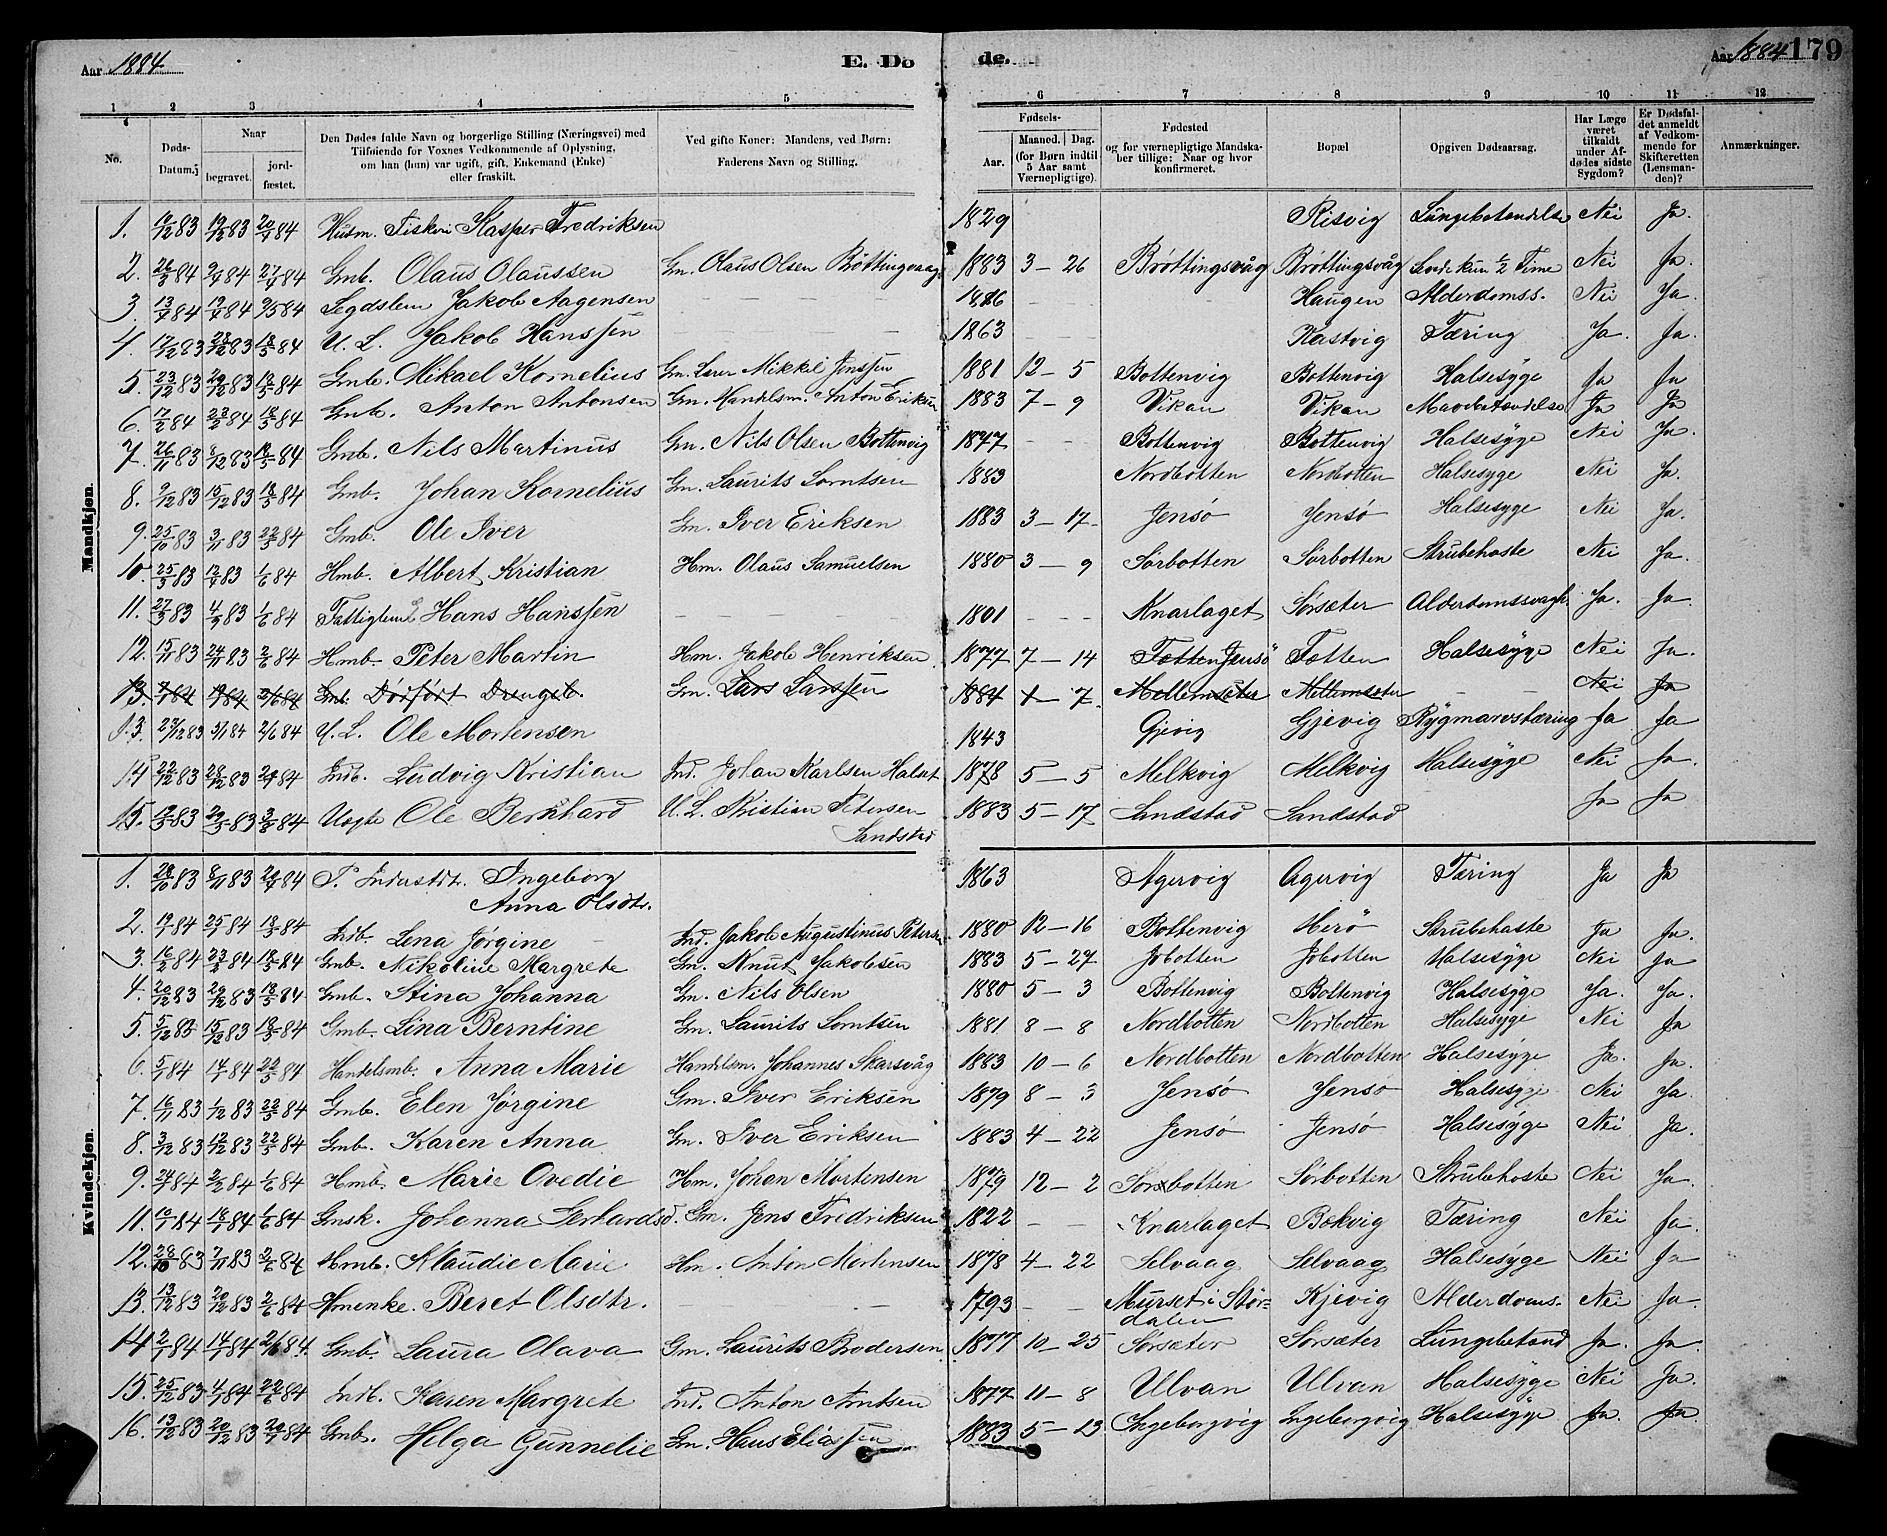 SAT, Ministerialprotokoller, klokkerbøker og fødselsregistre - Sør-Trøndelag, 637/L0562: Klokkerbok nr. 637C03, 1883-1898, s. 179